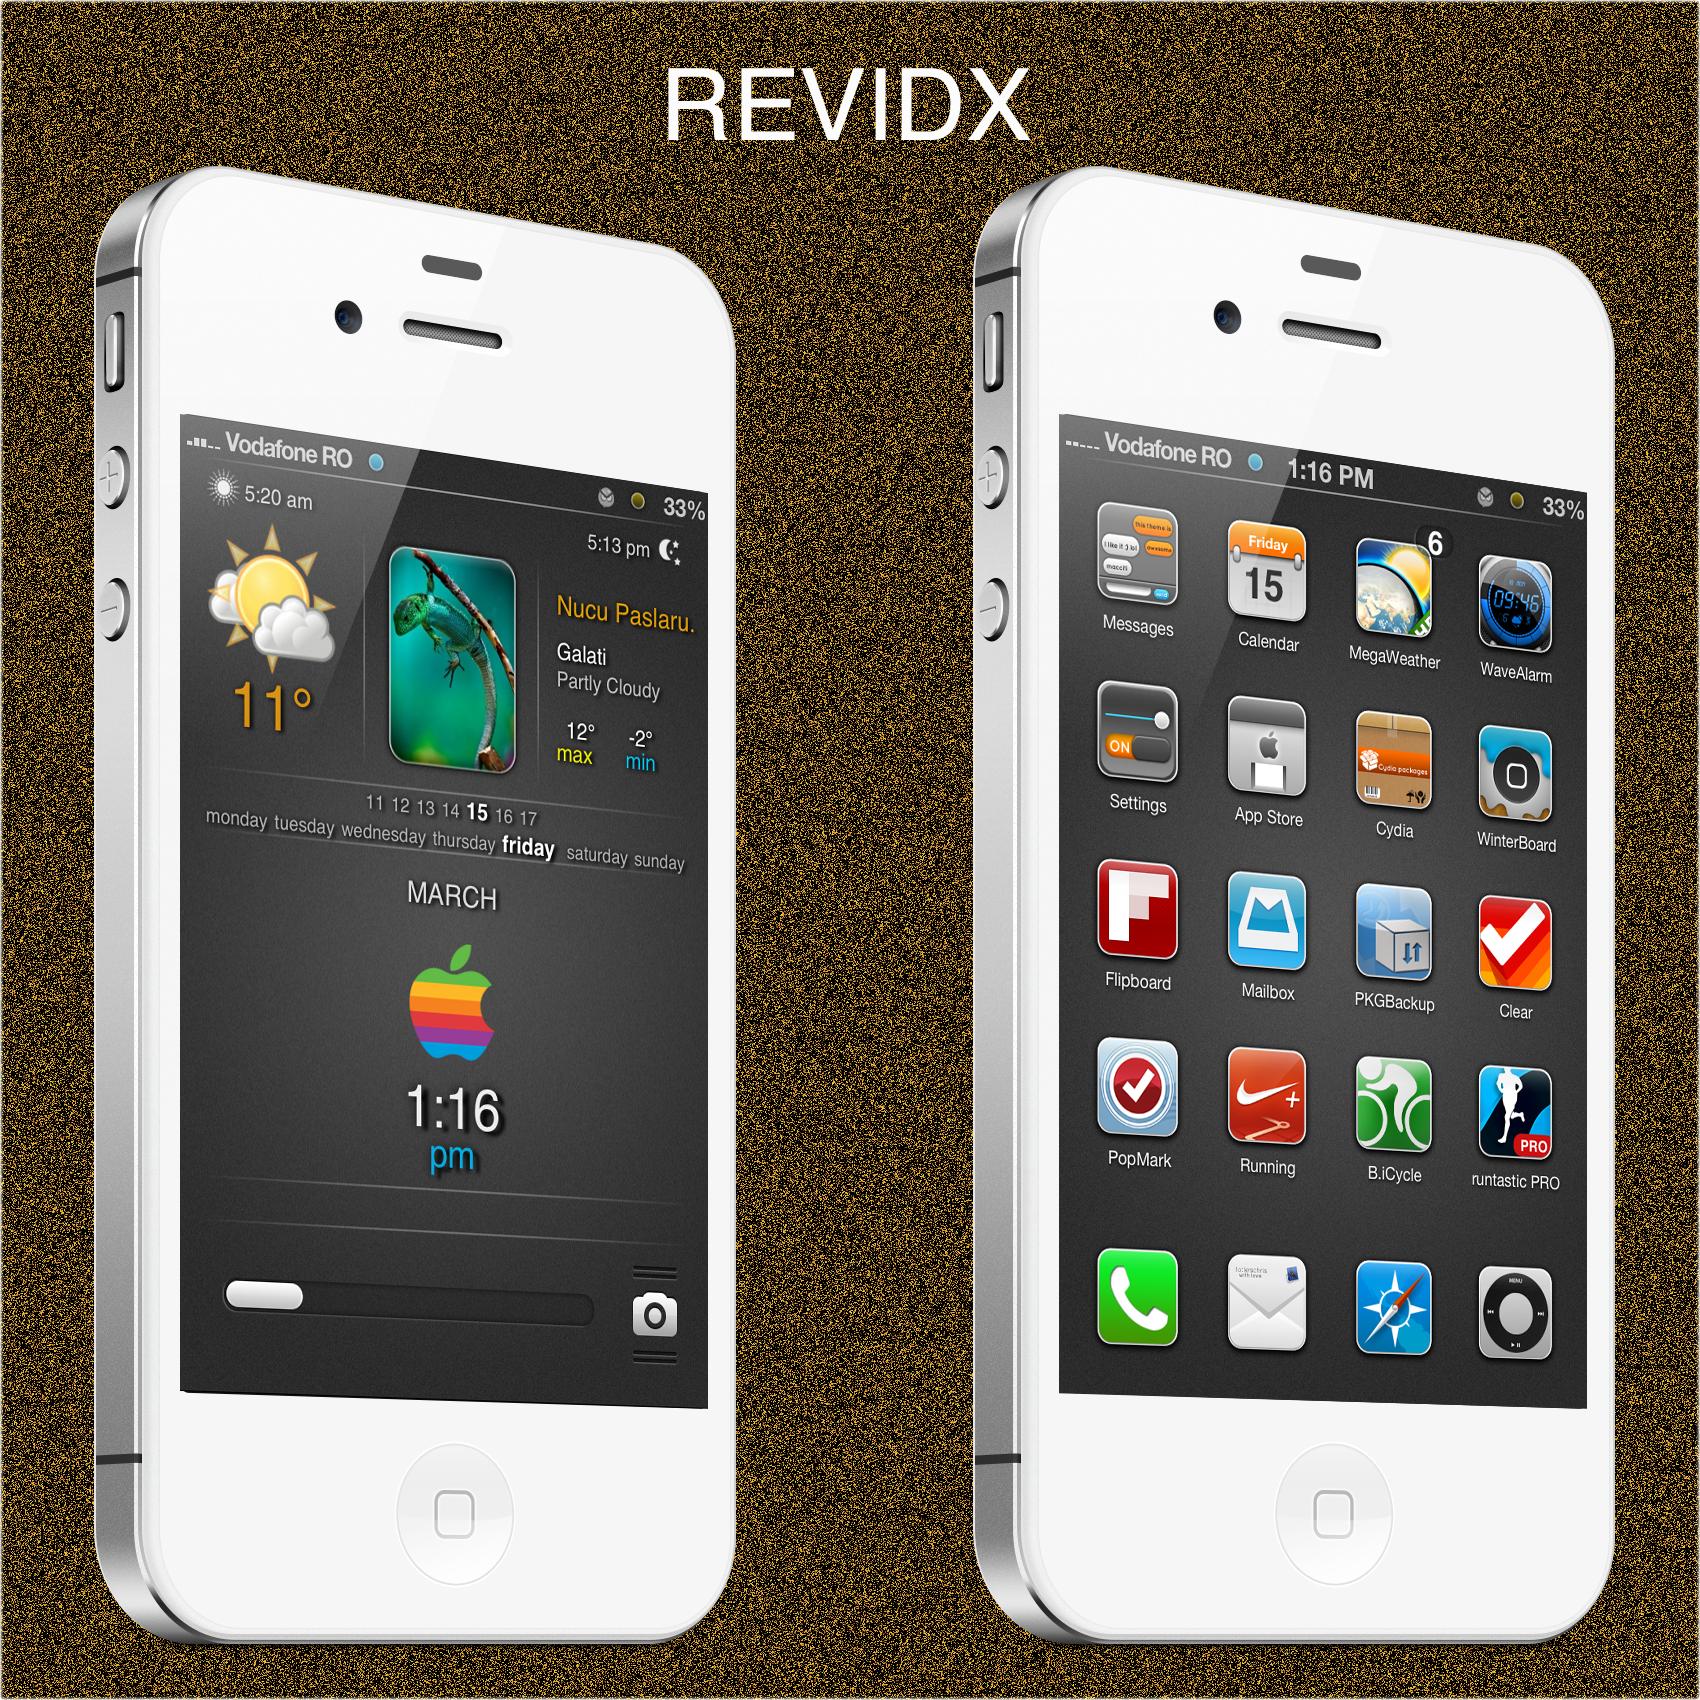 Revidx by nucu